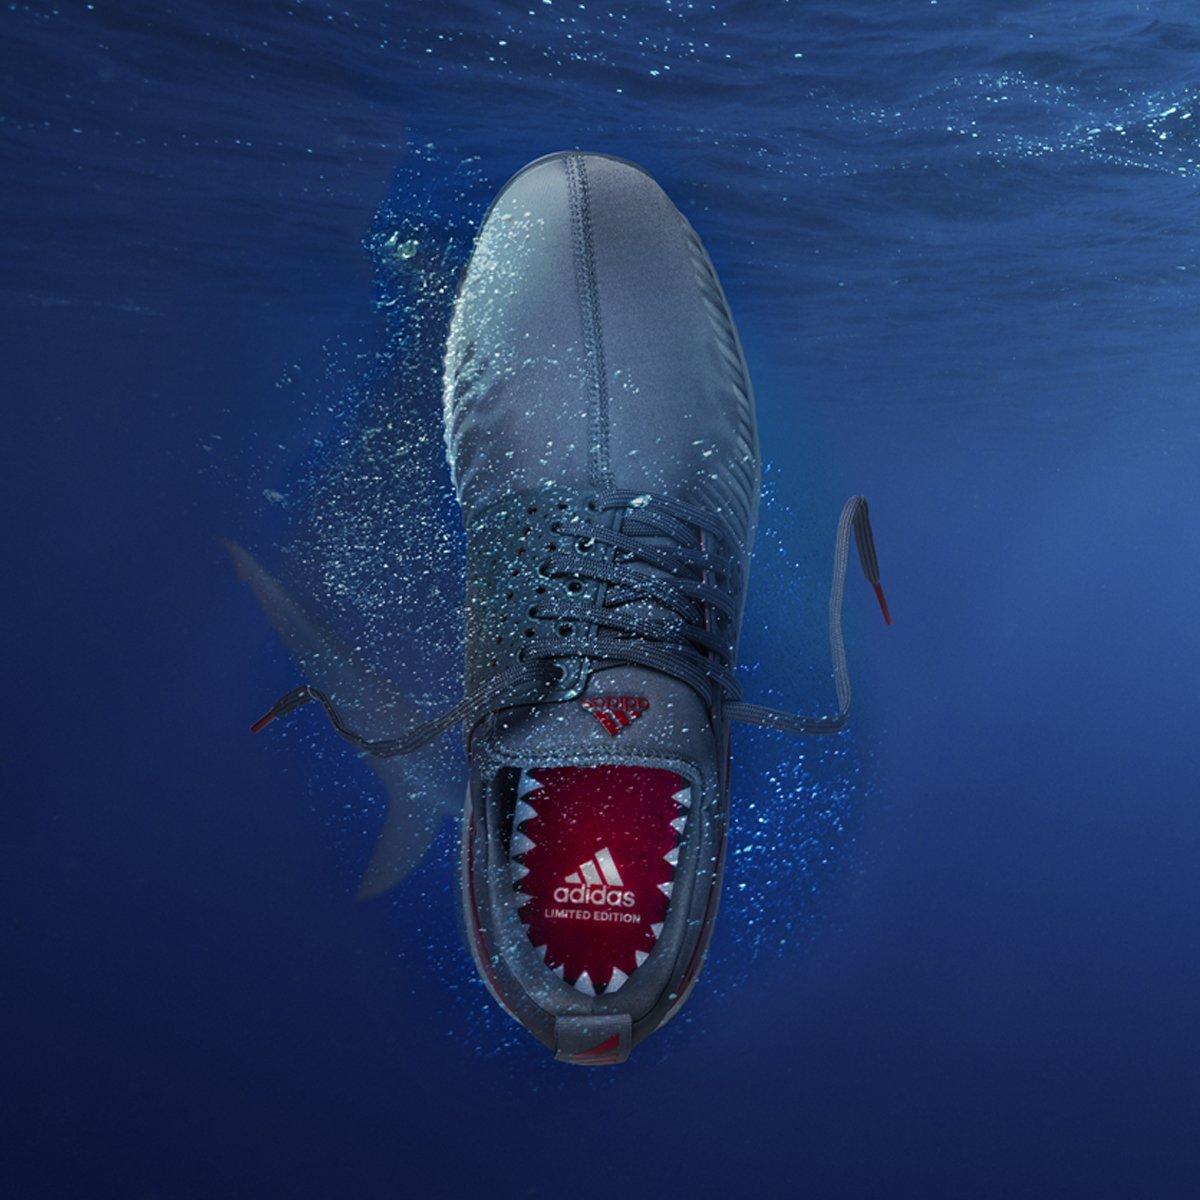 adidas sharks schoenen